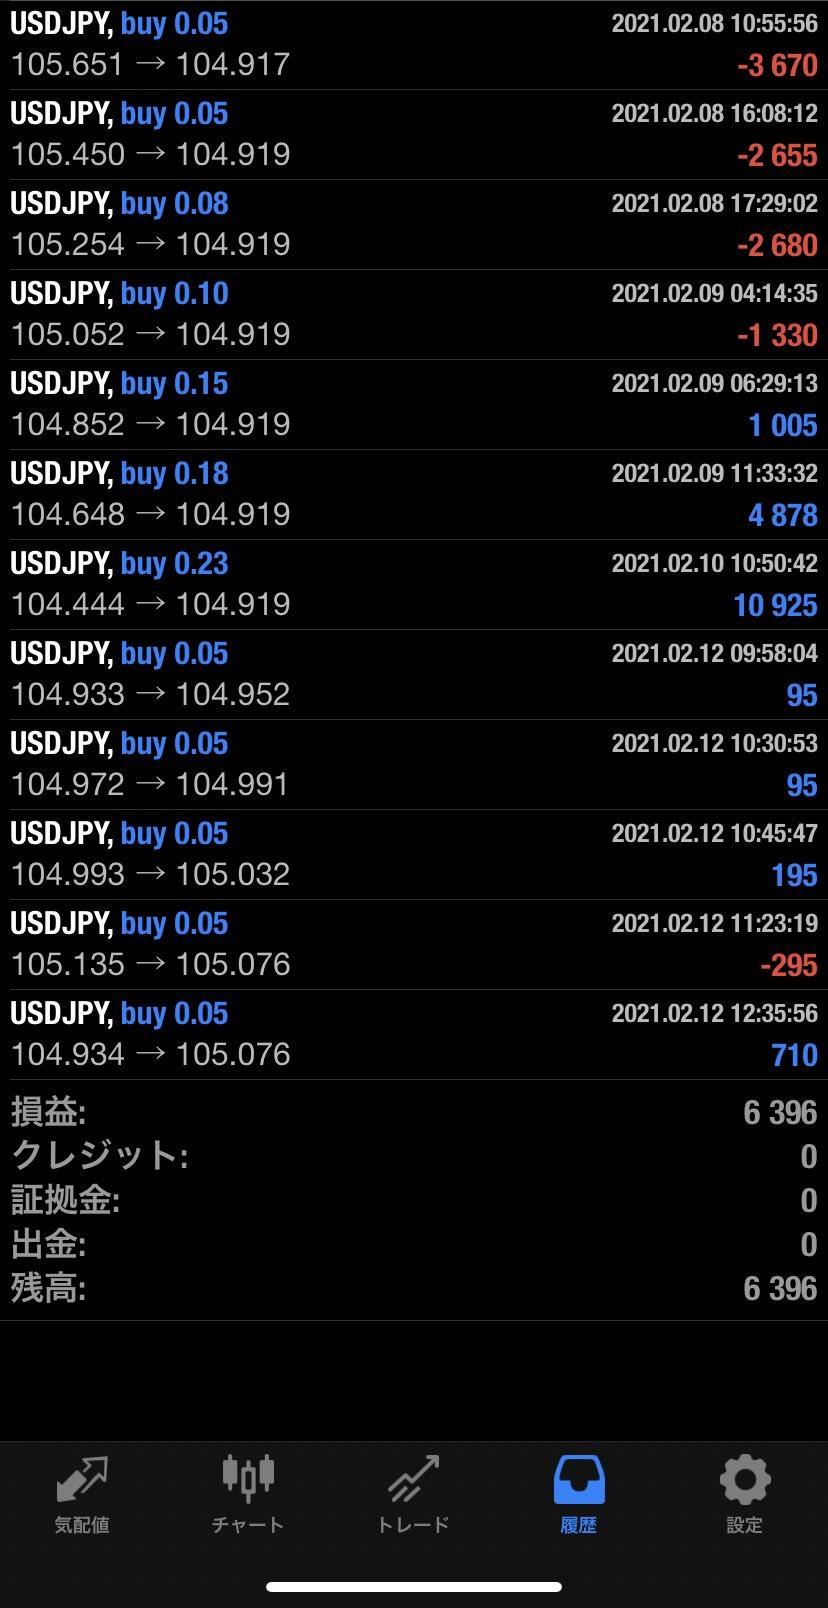 2021年2月12日 USD/JPYバージョン6,396円